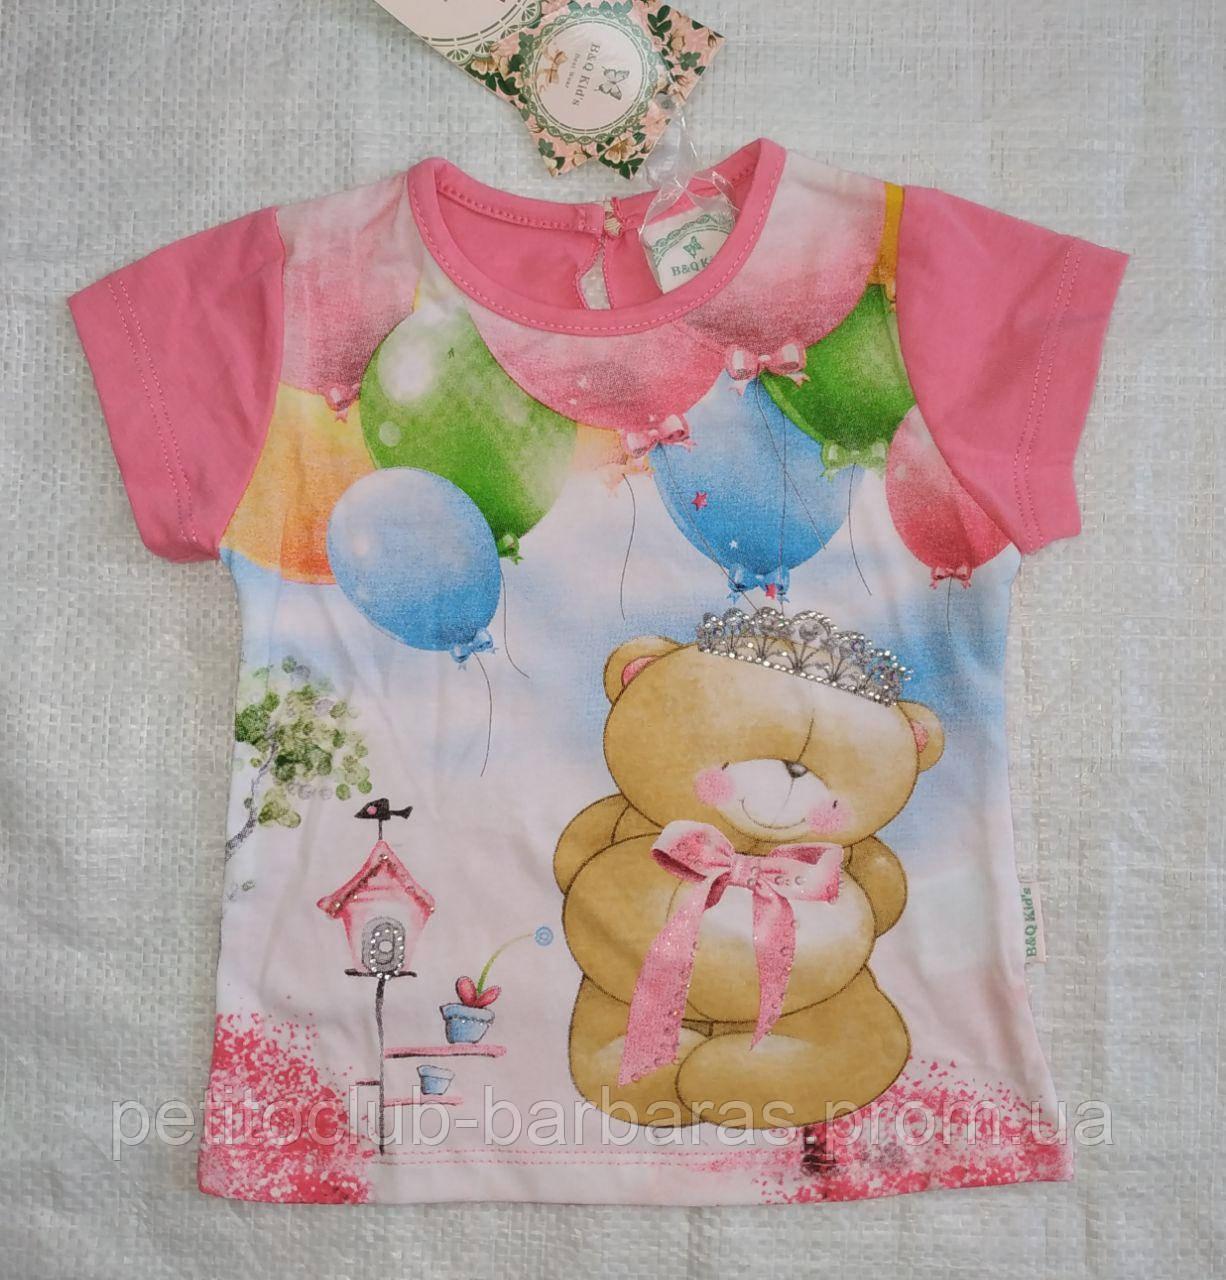 """Детская летняя футболка для девочки """"Мишка-Принцесса"""" розовая (Венгрия)"""